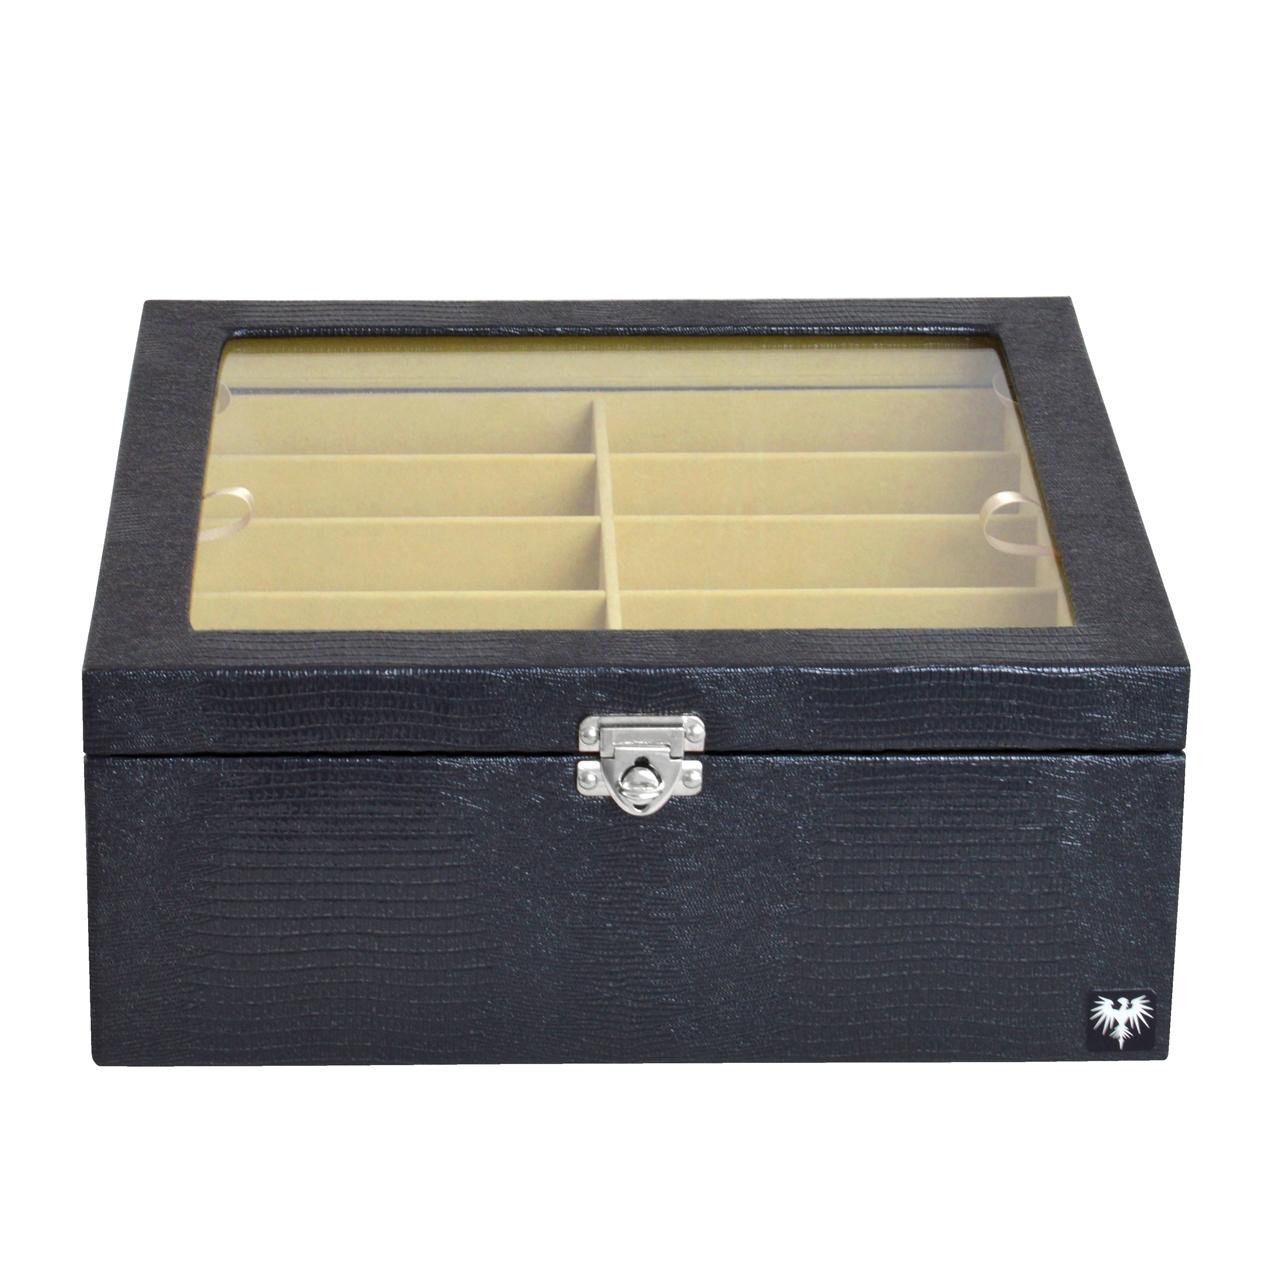 estojo-couro-ecologico-20-oculos-preto-bege-porta-caixa-imagem-6.jpg